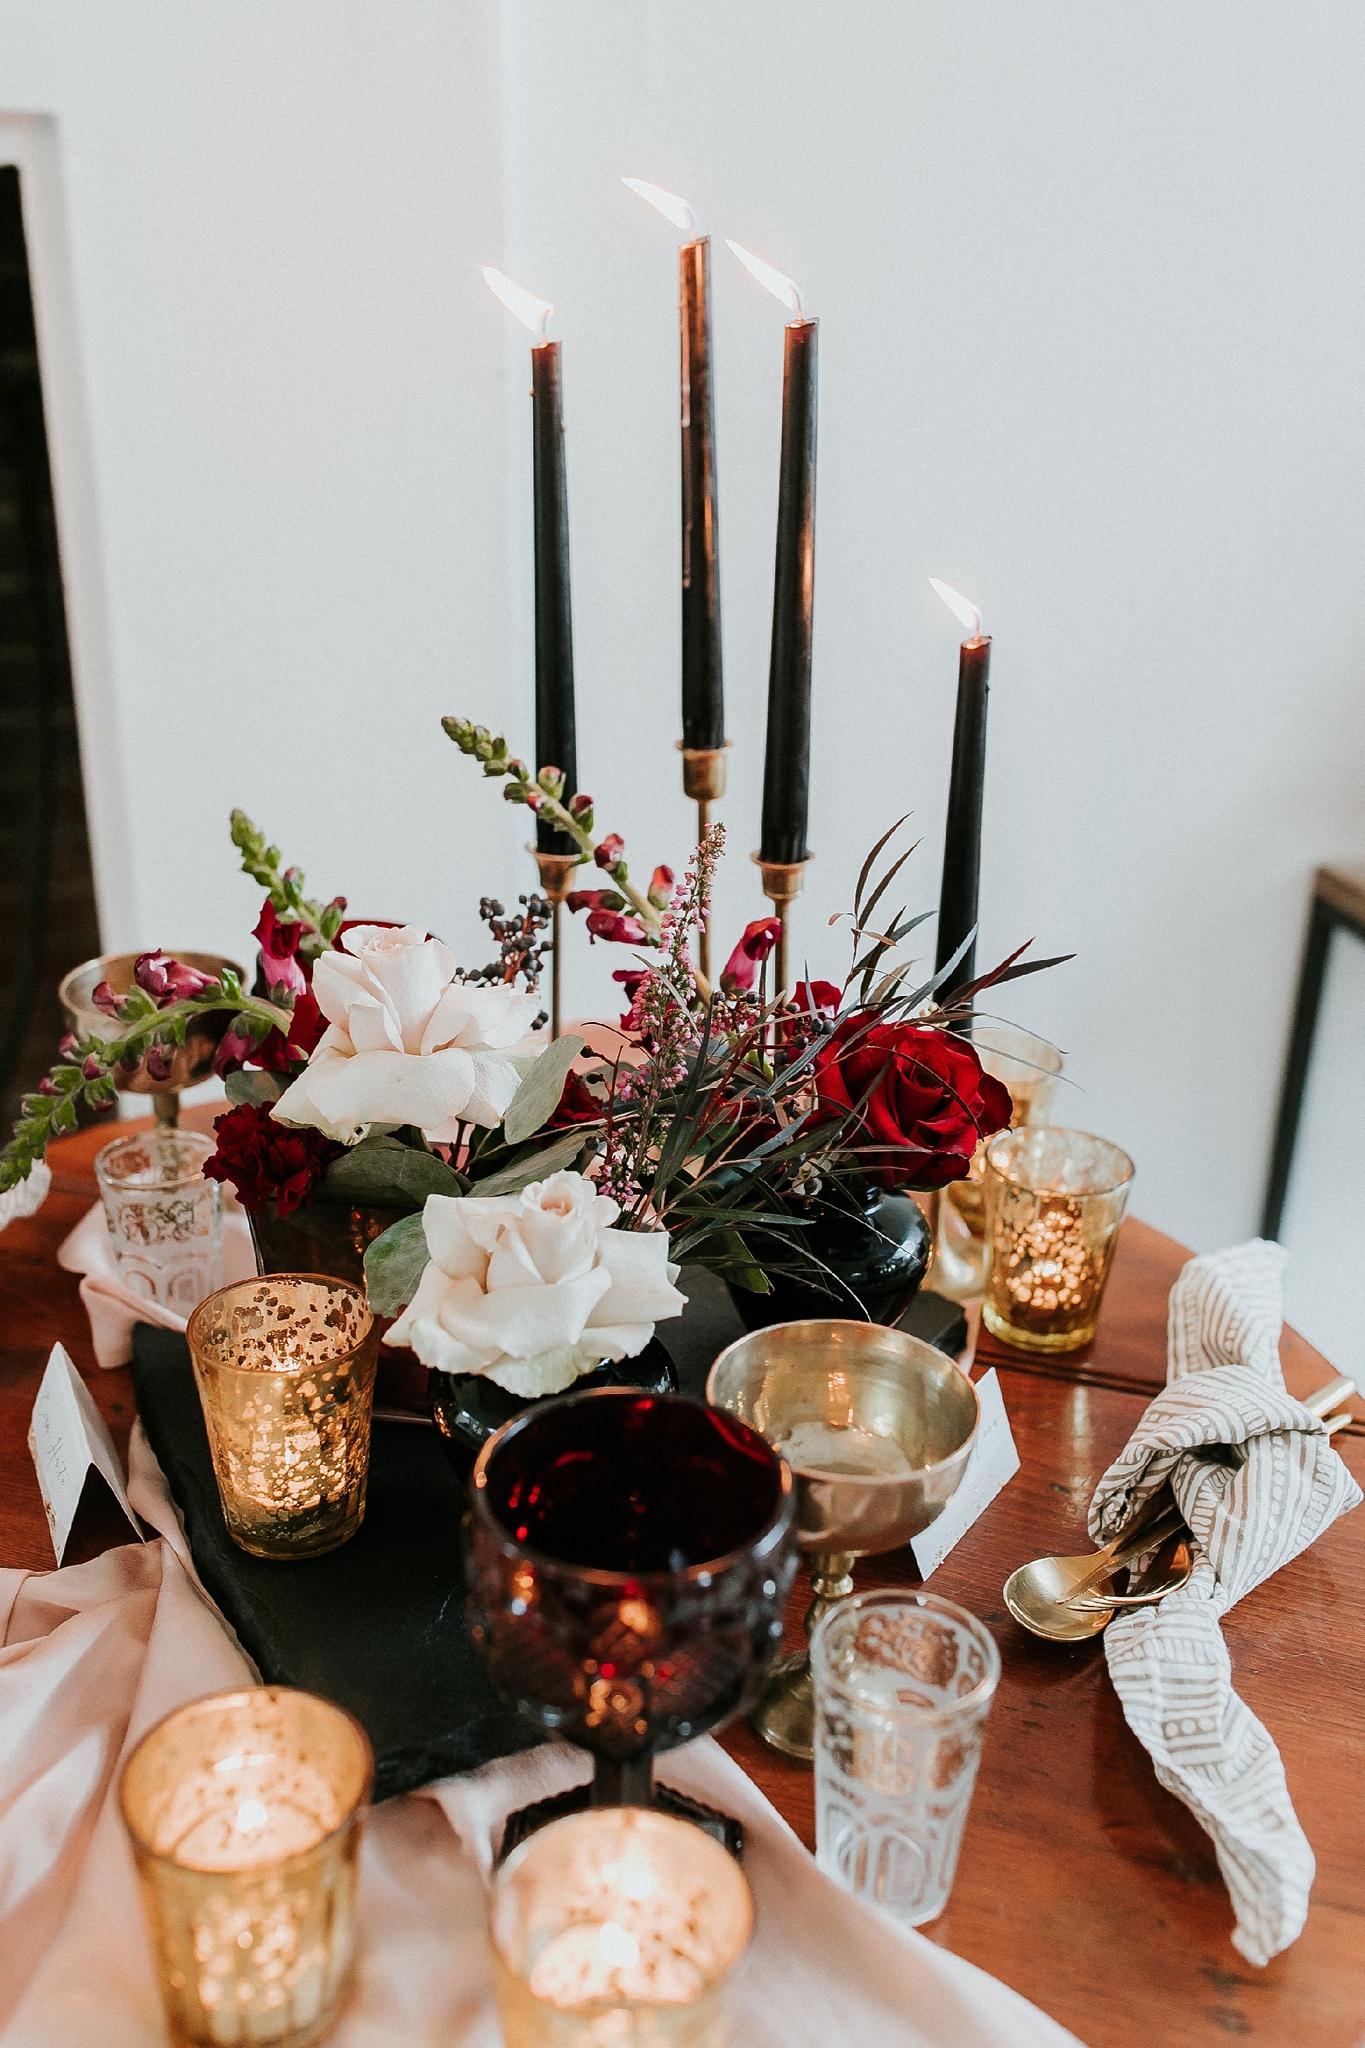 Alicia+lucia+photography+-+albuquerque+wedding+photographer+-+santa+fe+wedding+photography+-+new+mexico+wedding+photographer+-+new+mexico+wedding+-+new+mexico+wedding+-+wedding+planner+-+wedding+rentals+-+new+mexico+wedding+vendor_0027.jpg